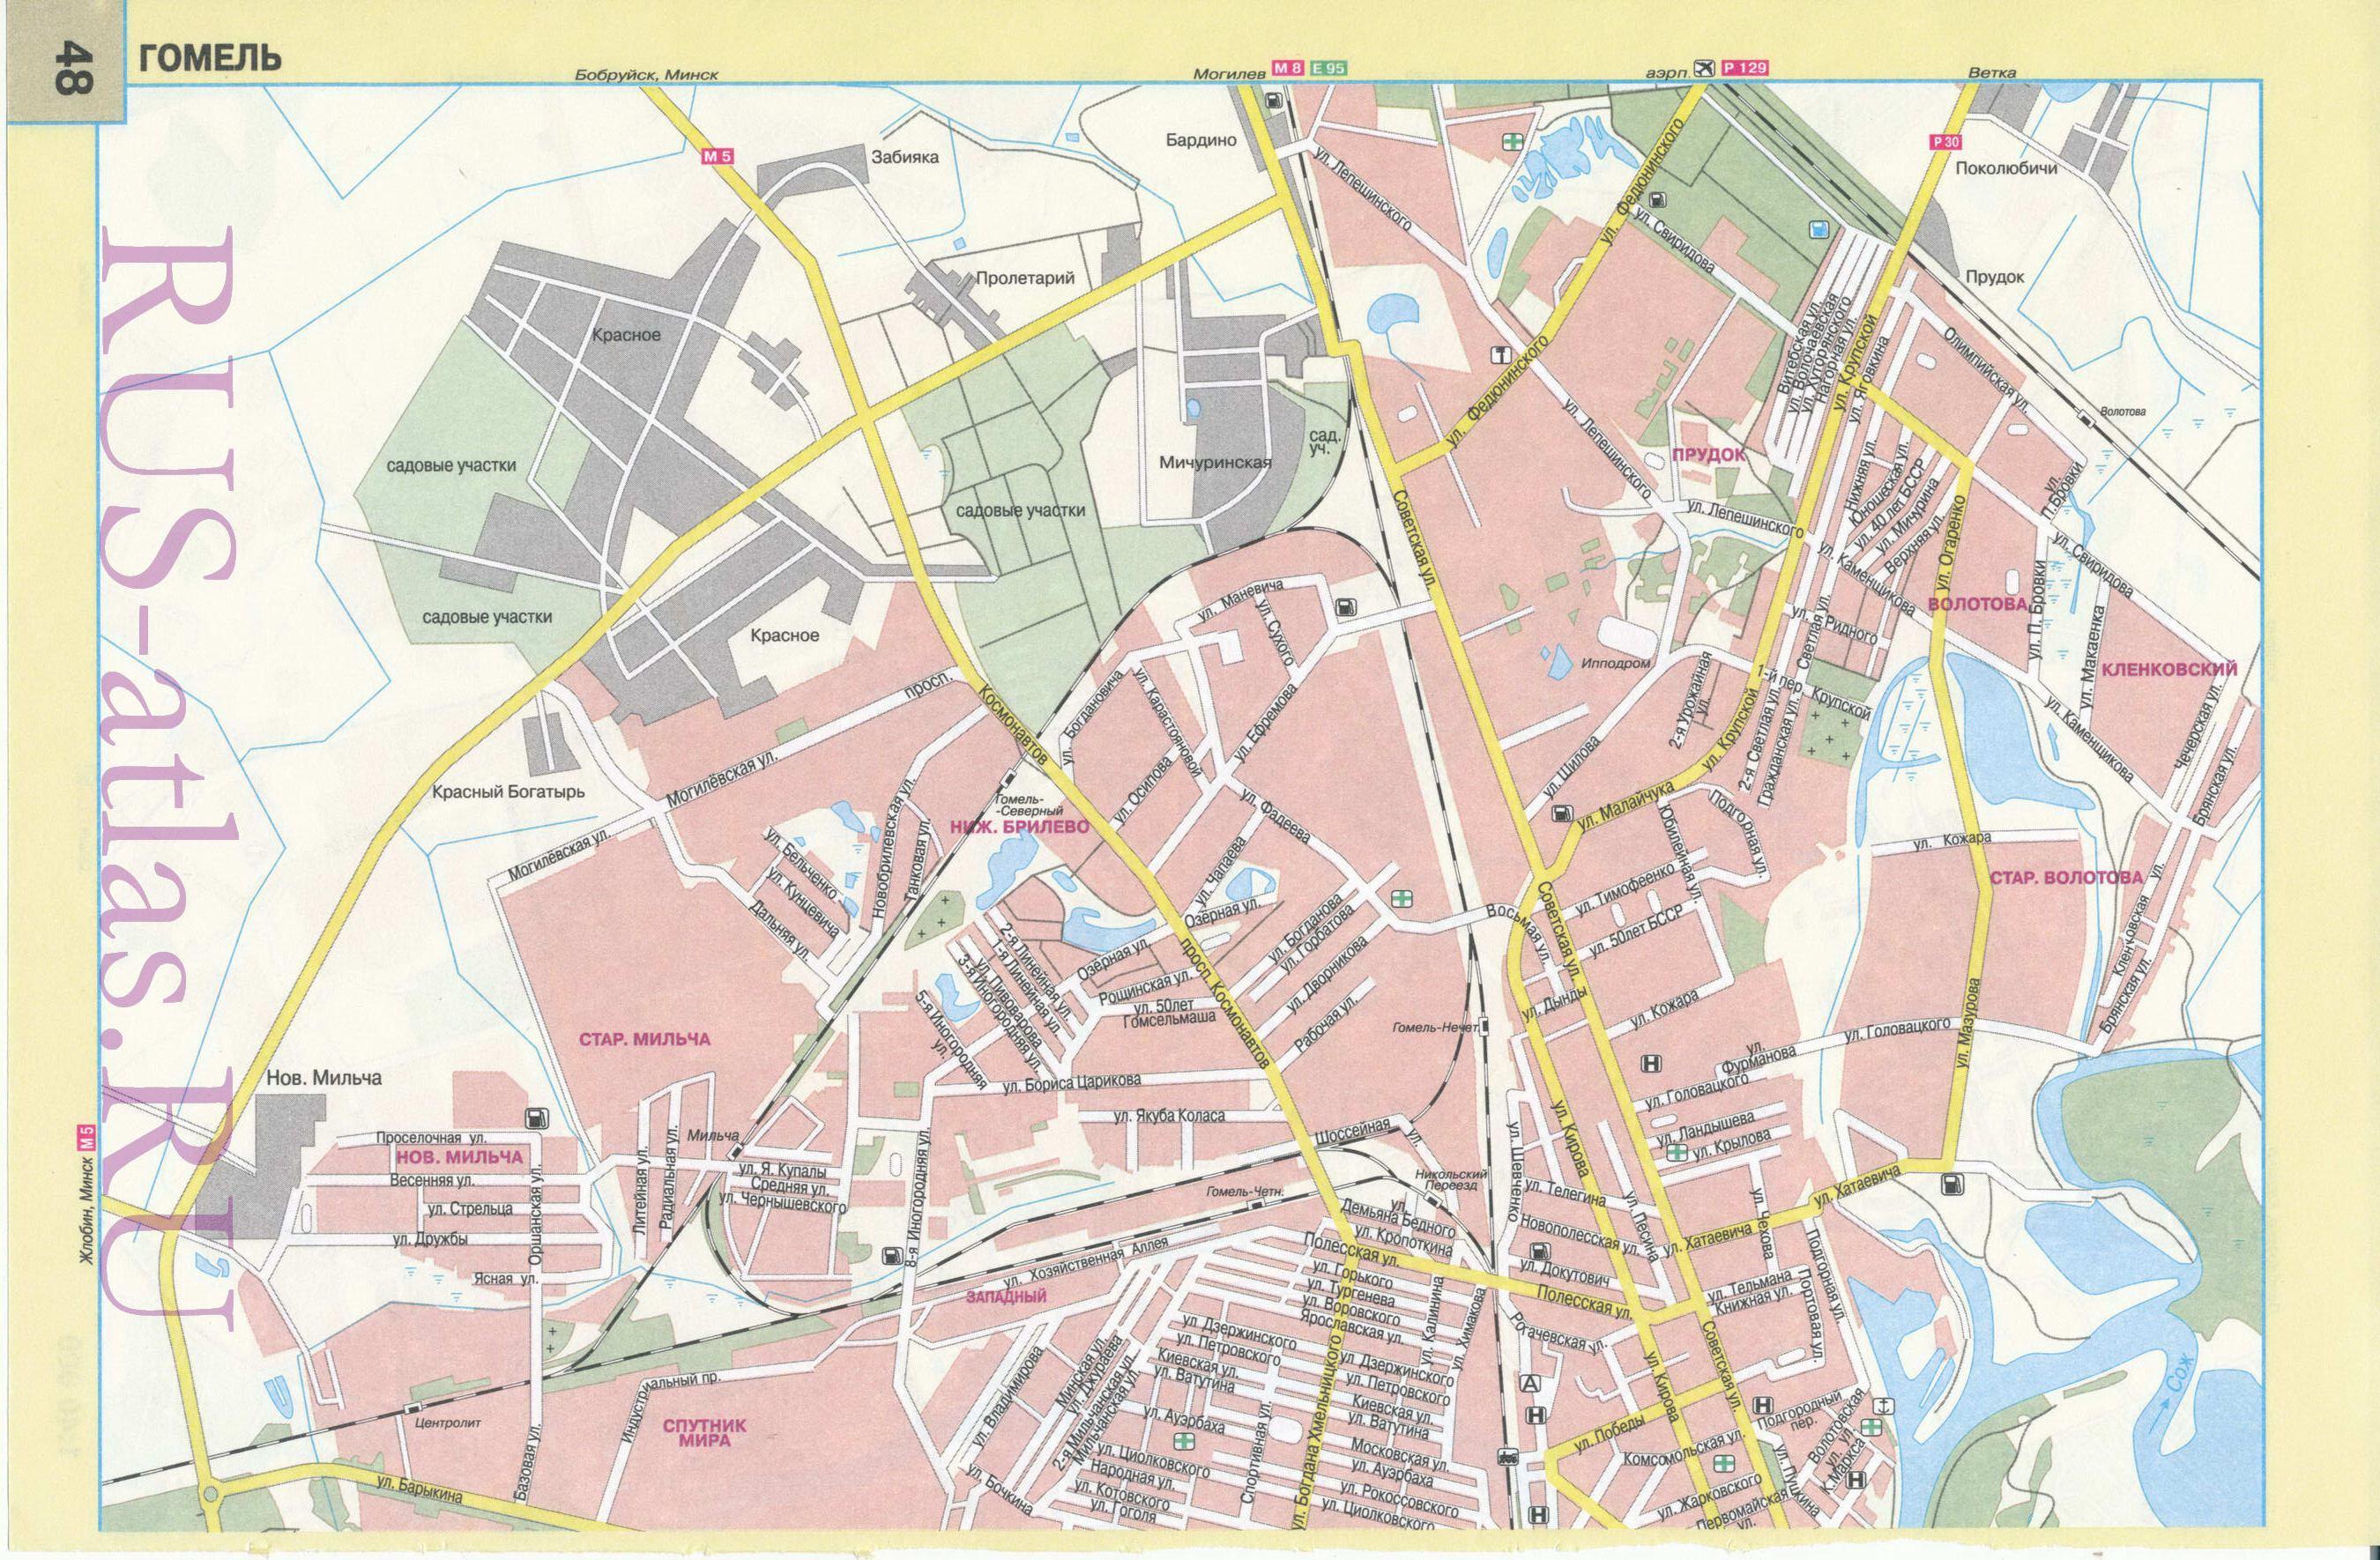 Схема гомеля с улицами